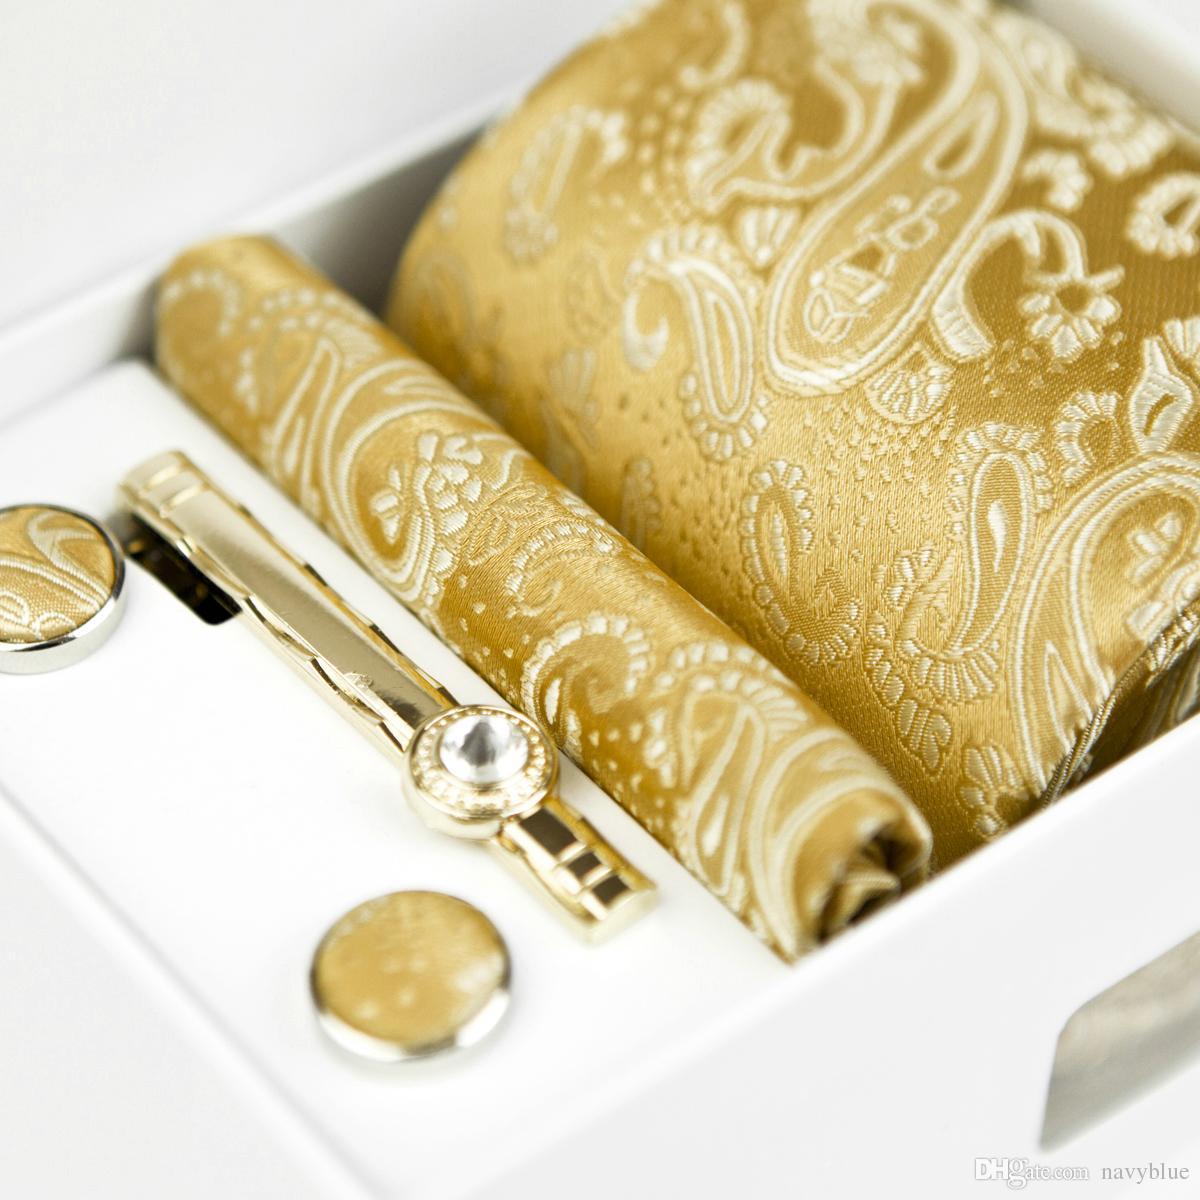 العلاقات أربعة قطعة مجموعات الأزهار بيزلي الصلبة الذهب الأصفر الشمبانيا رجل العنق الجيب ساحة التعادل كليب أزرار أكمام جديد 100٪ الحرير جديد بالجملة